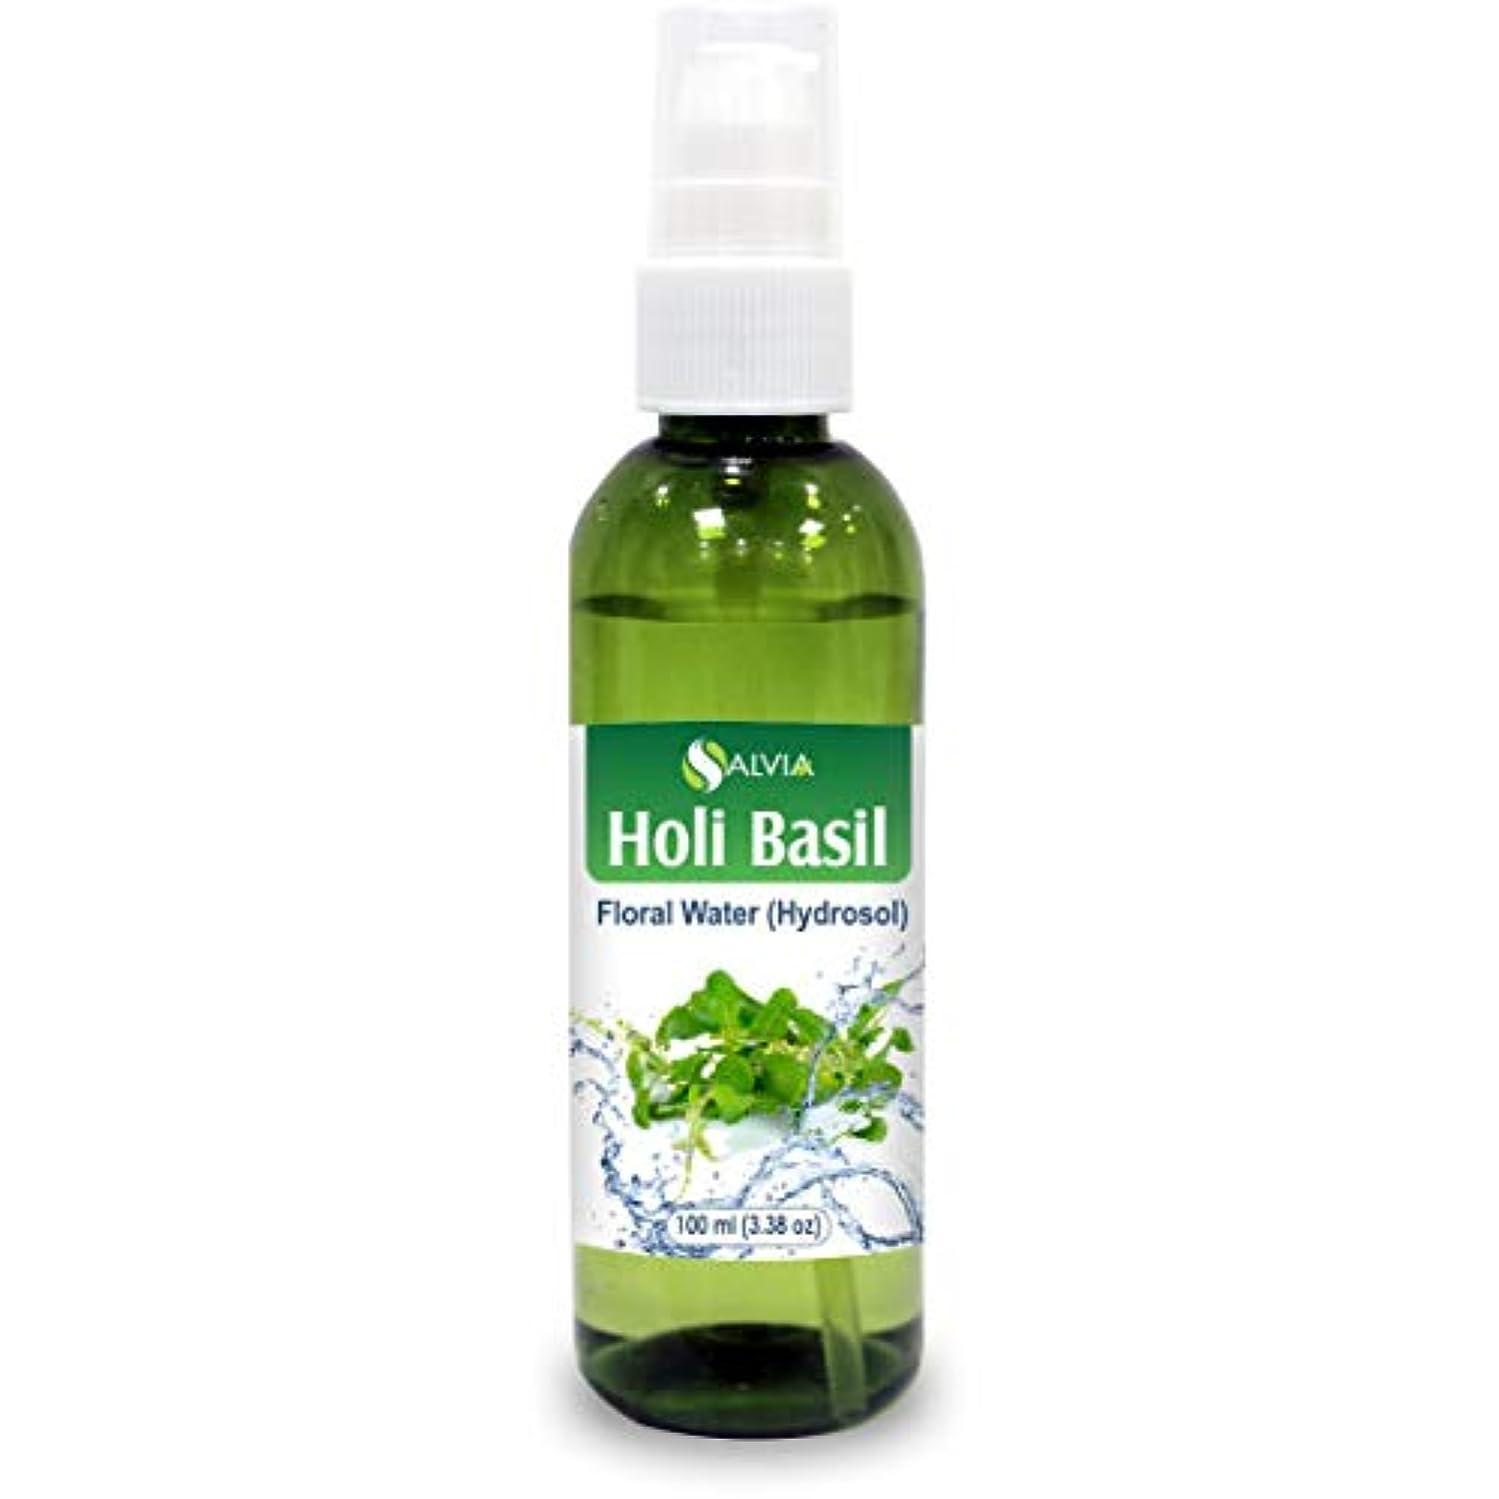 約設定気分が悪い広げるHoly Basil (Tulsi) Floral Water 100ml (Hydrosol) 100% Pure And Natural